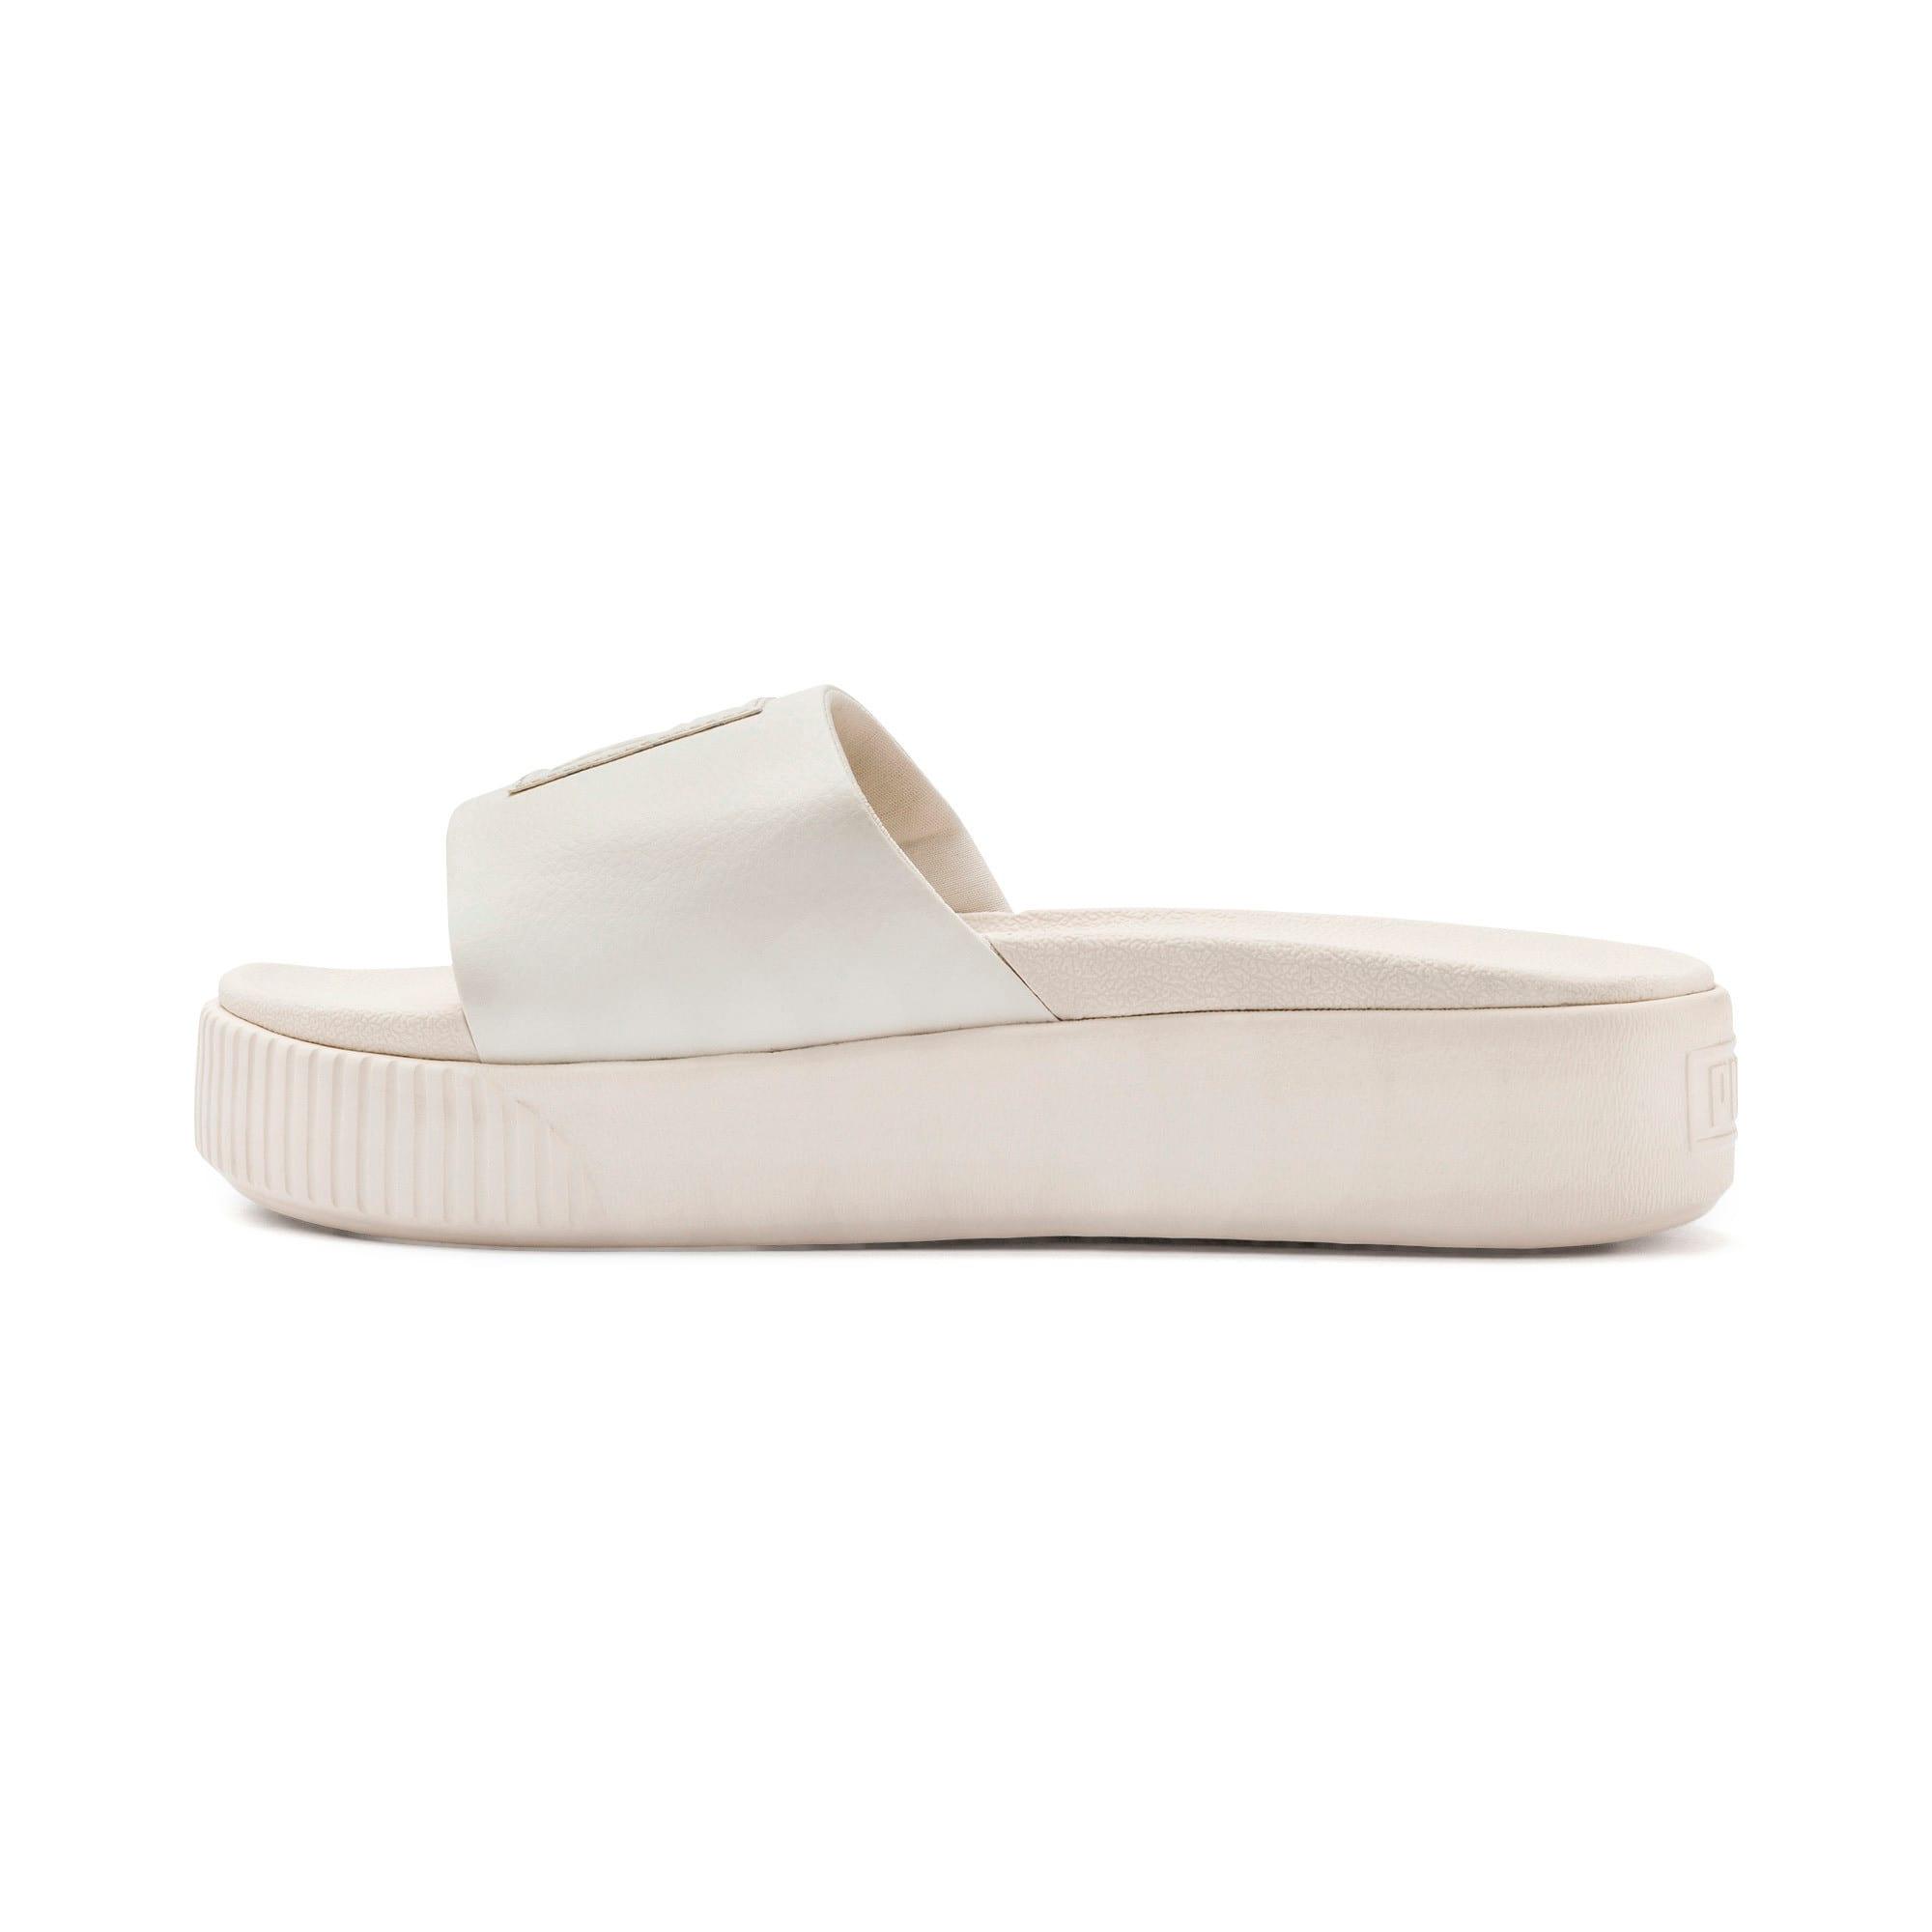 Thumbnail 1 of Platform Slide Women's Sandals, Pastel Parchment-Pastel Par., medium